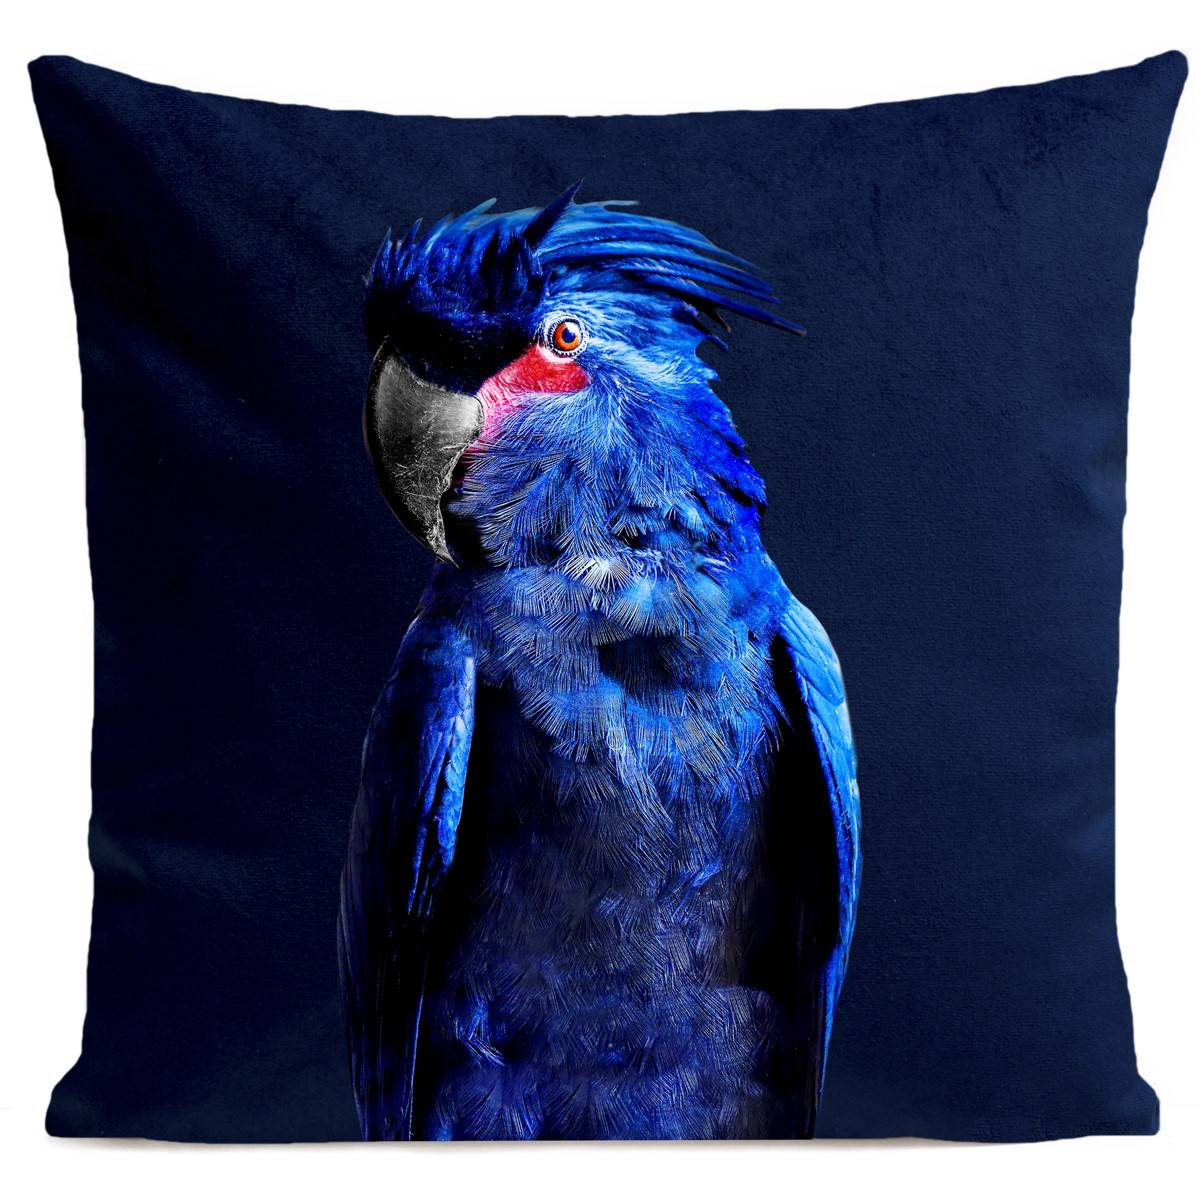 Artpilo Coussin velours carré imprimé animaux bleu foncé 60x60